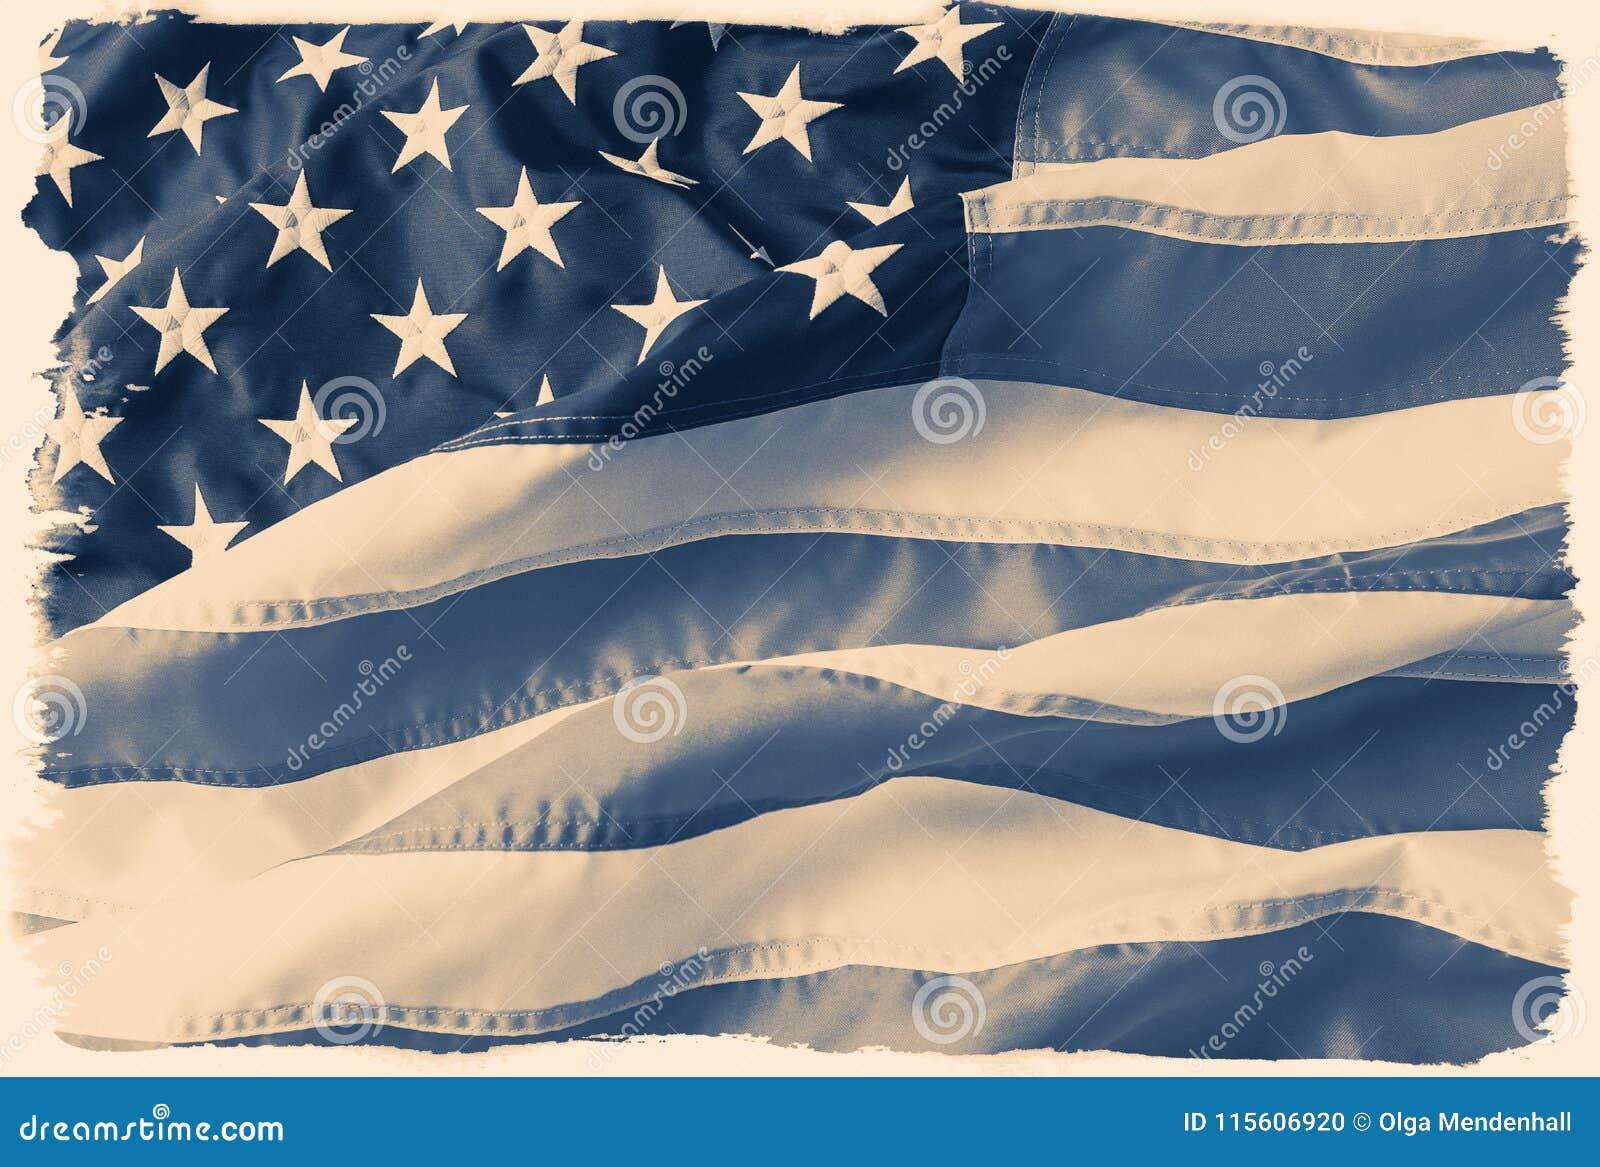 Gestemde, langzaam verdwenen, desaturated Amerikaanse vlag met een uitstekende filmgrens